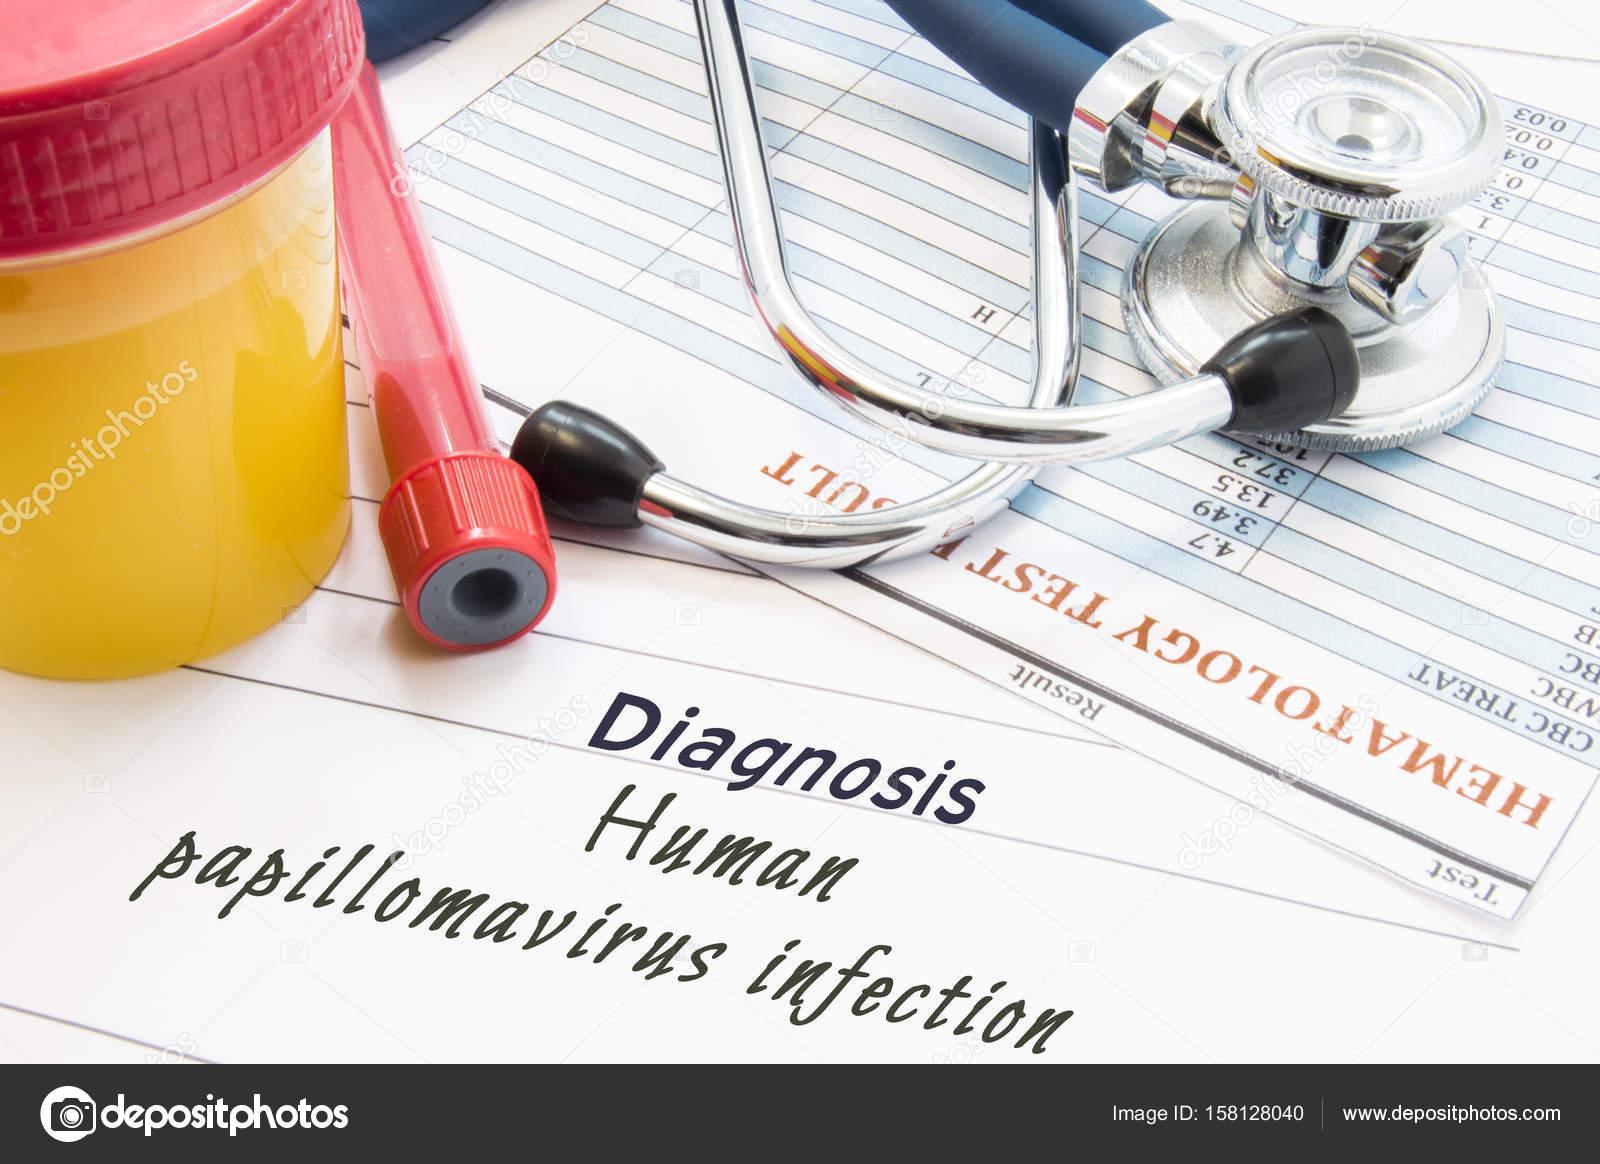 human papillomavirus (hpv) blood test